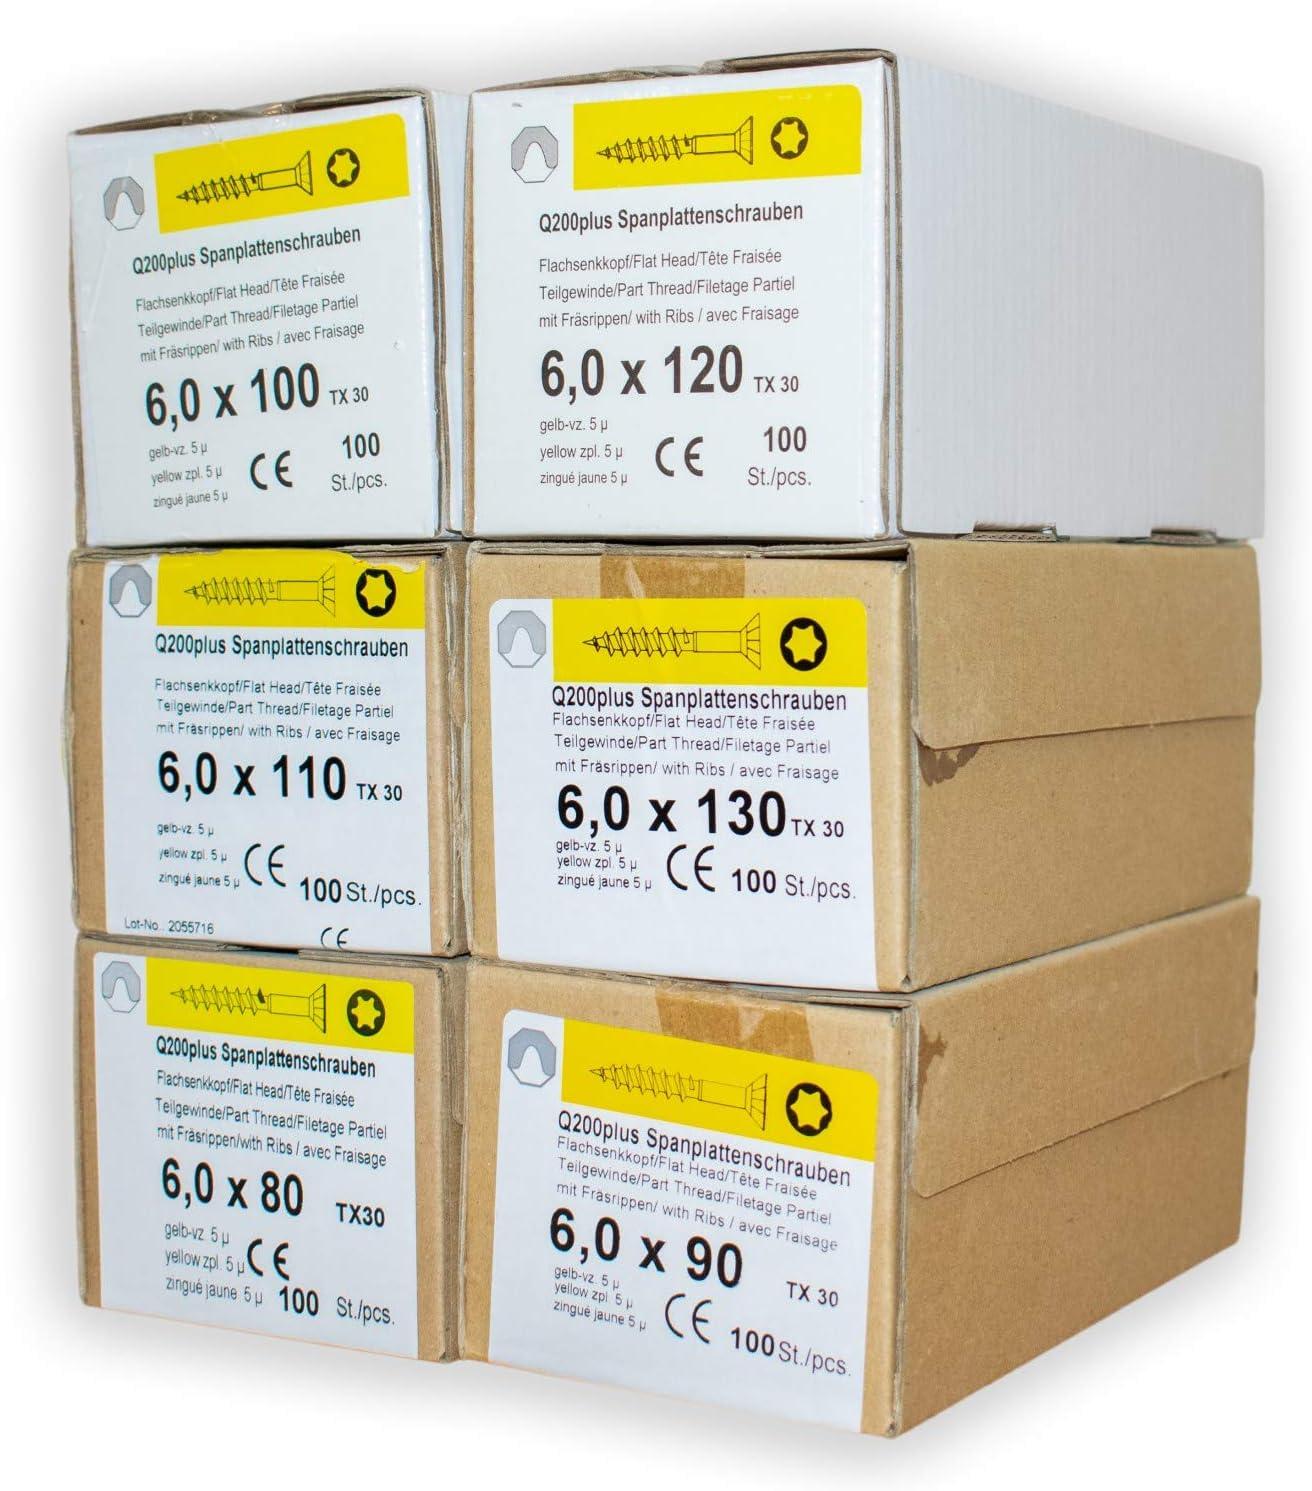 200 St/ück Spanplattenschrauben 6,0 x 100 mm TX25 Teilgewinde Holzschrauben Universal Schrauben Q200 Torx verzinkt gelb